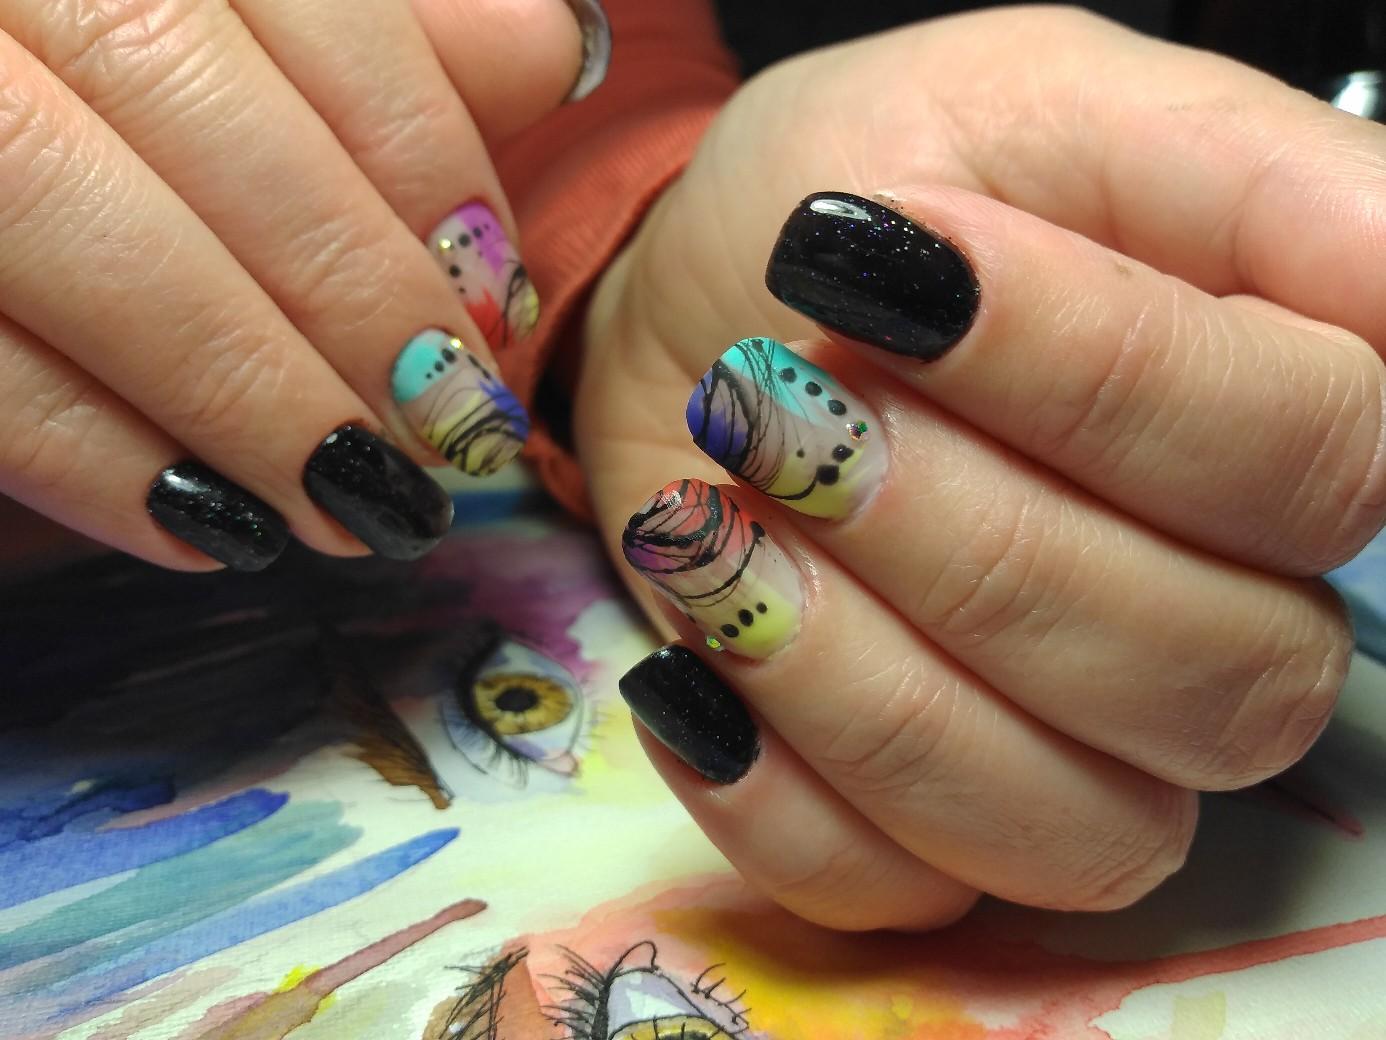 Маникюр с абстрактным рисунком и паутинкой в черном цвете на короткие ногти.